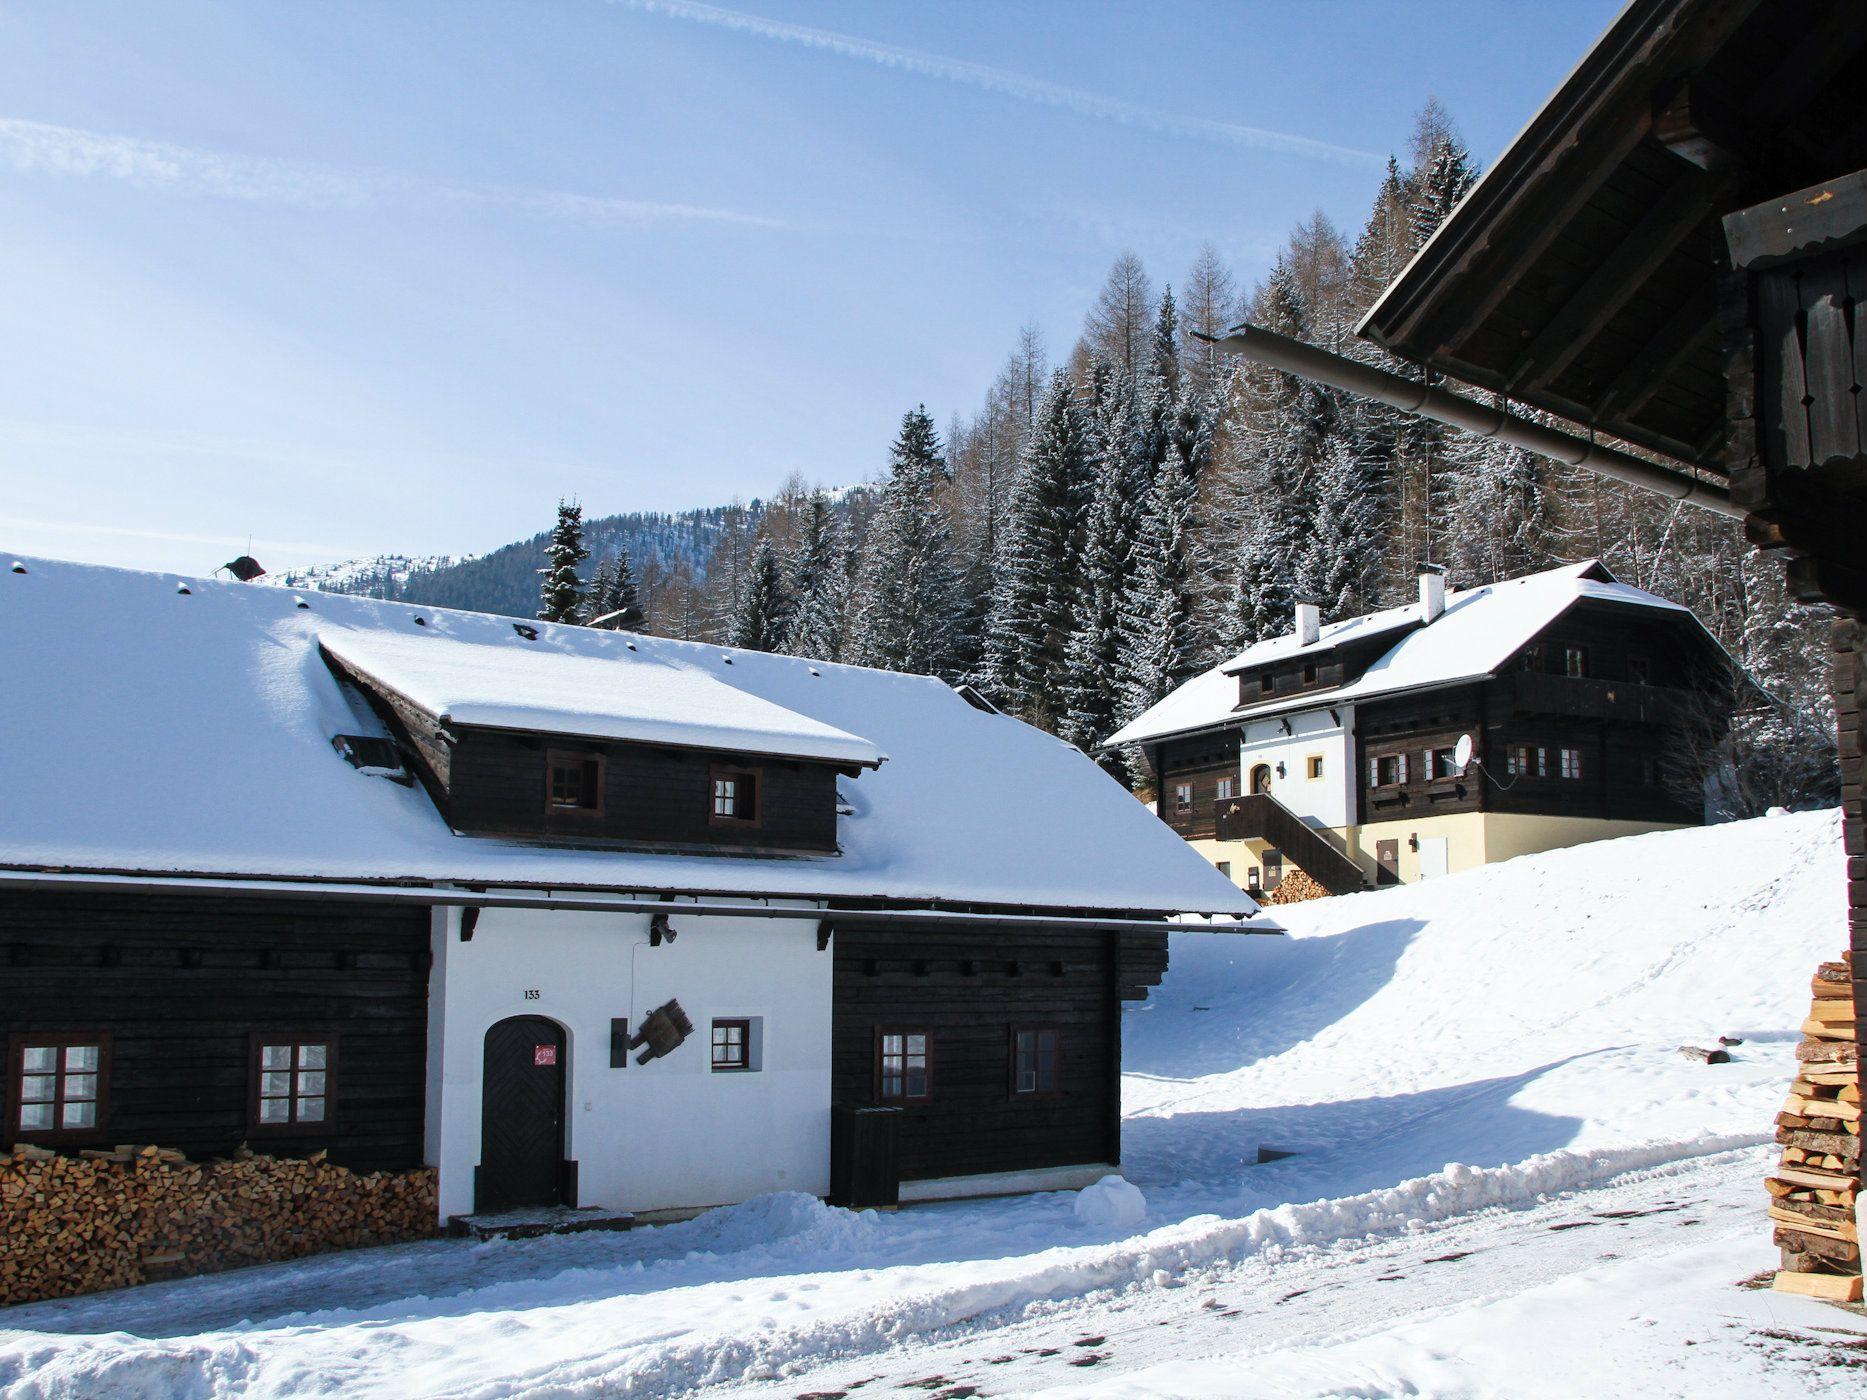 Appartement Feriendorf Kirchleitn Großwild Komfort (voor max. 2 volw. + 2 kinderen t/m 13 jaar) - 2-4 personen